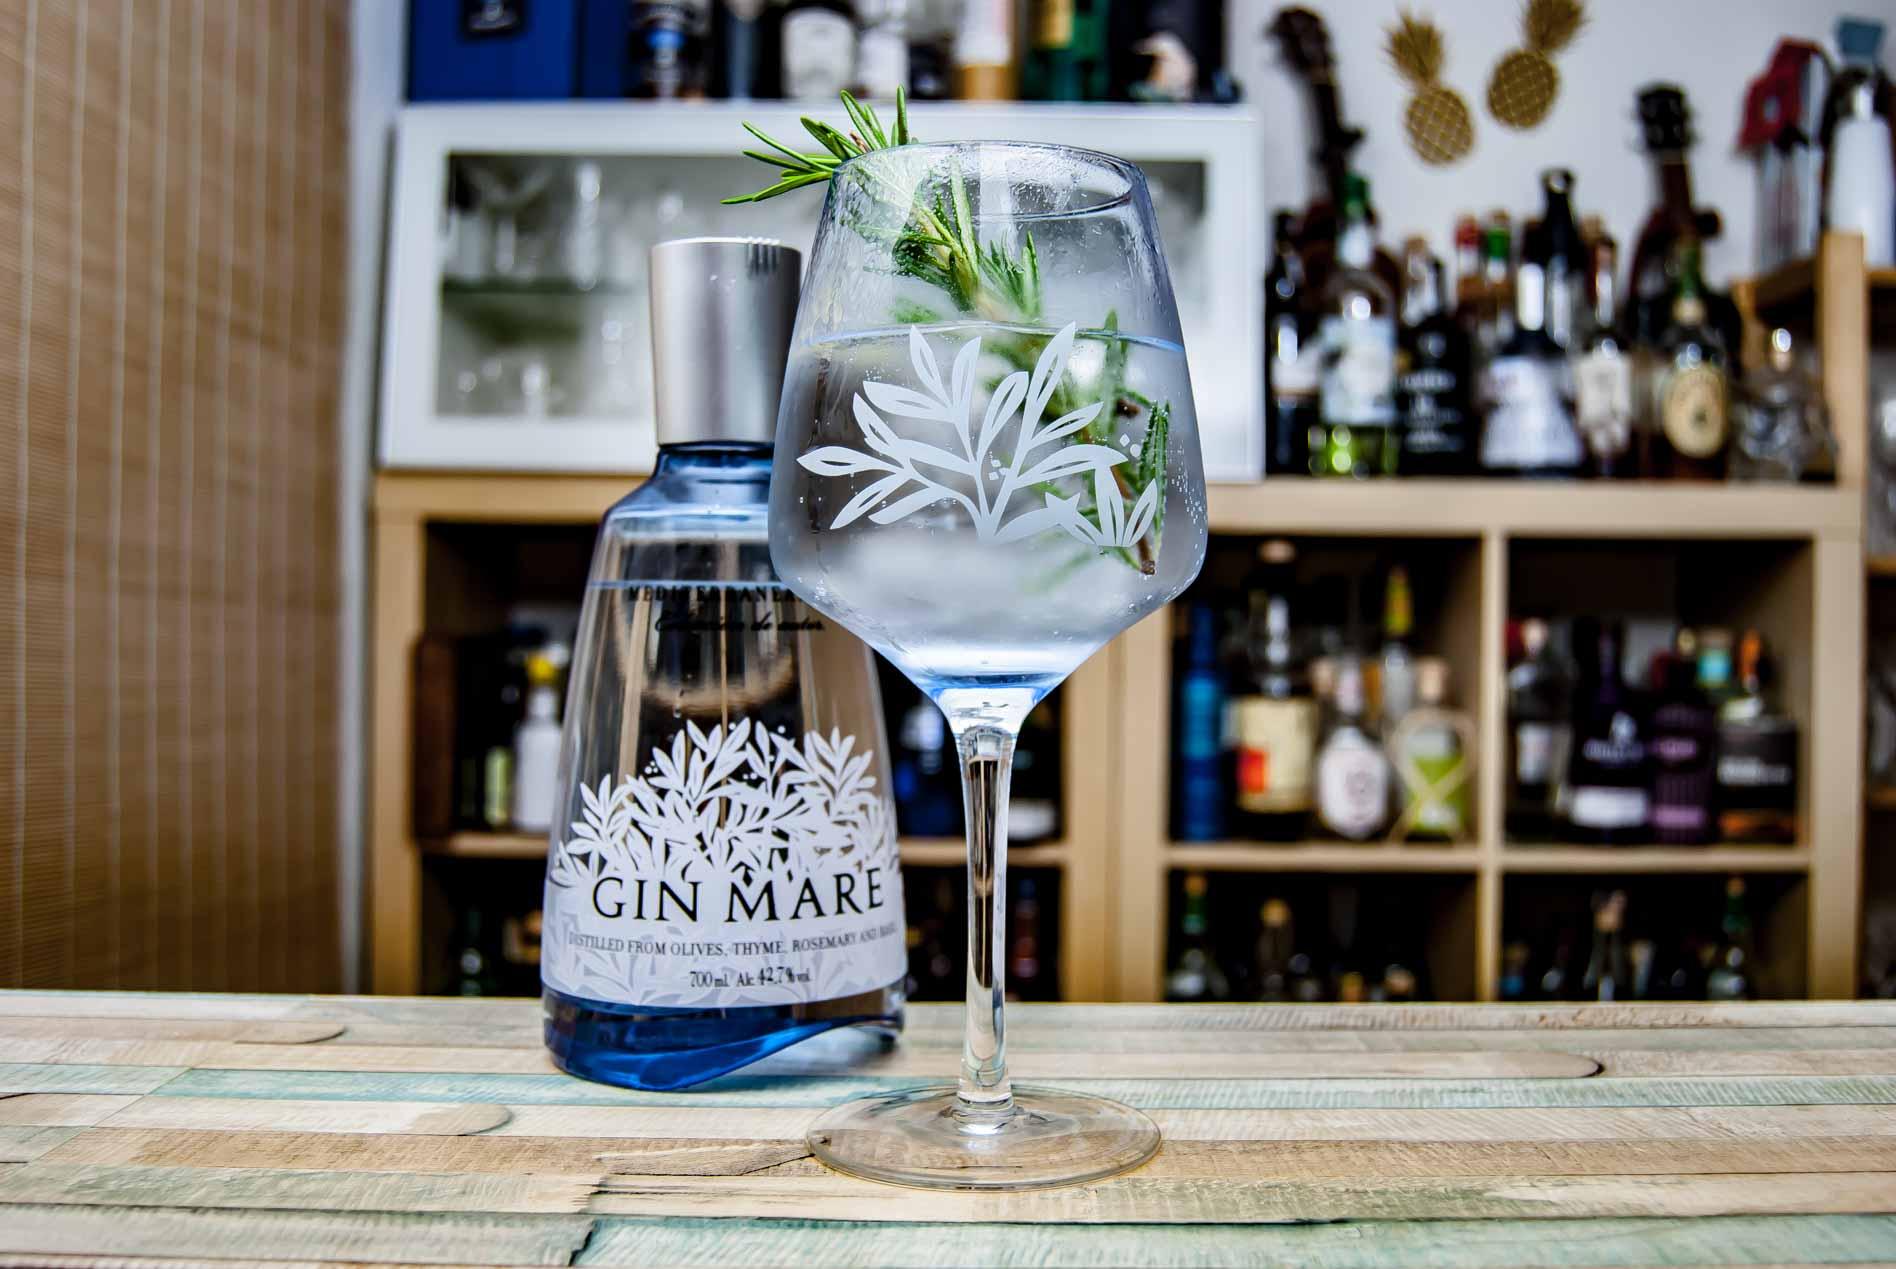 Eines unserer wiederkehrenden Highlights in Gin Tonic-Tests: Fever tree Mediterranean Tonic mit Gin Mare und einem Rosmarin-Zweig. Wer mag, gibt noch einen Tropfen Olivenöl drauf. Rockt.